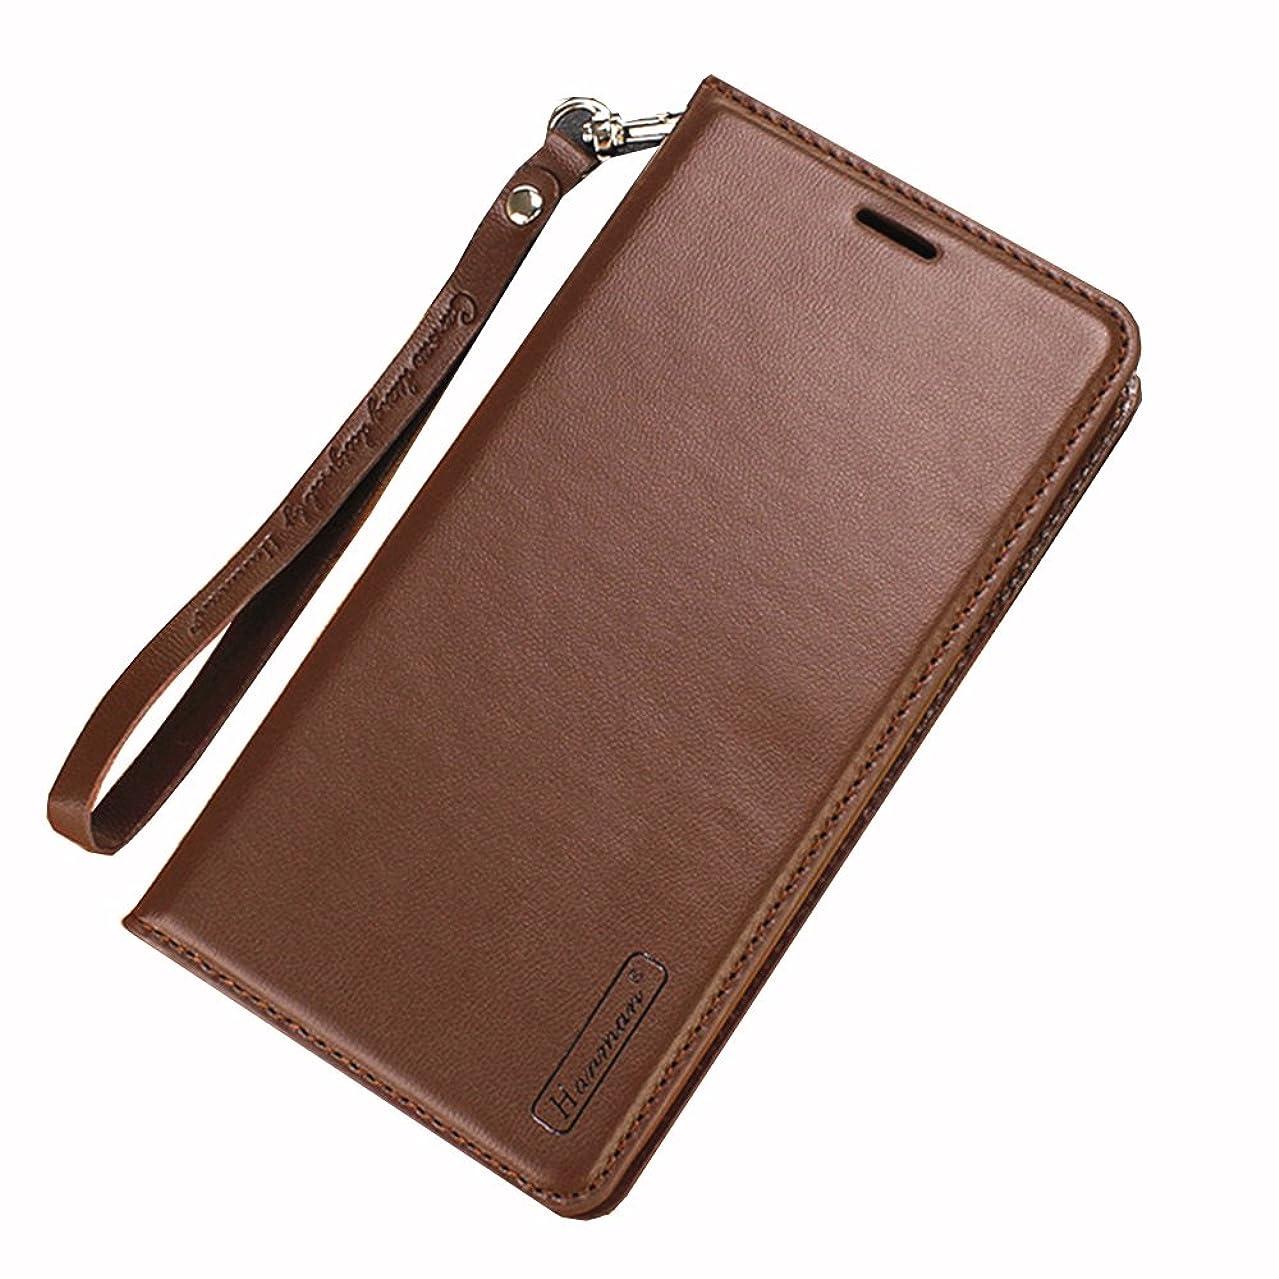 鮫背骨行くSimonJp iPhone X ケース 手帳型 スタンド機能 カードポッケト ストラップ 落下防止 衝撃吸収 財布型 人気 おしゃれ ブラウン